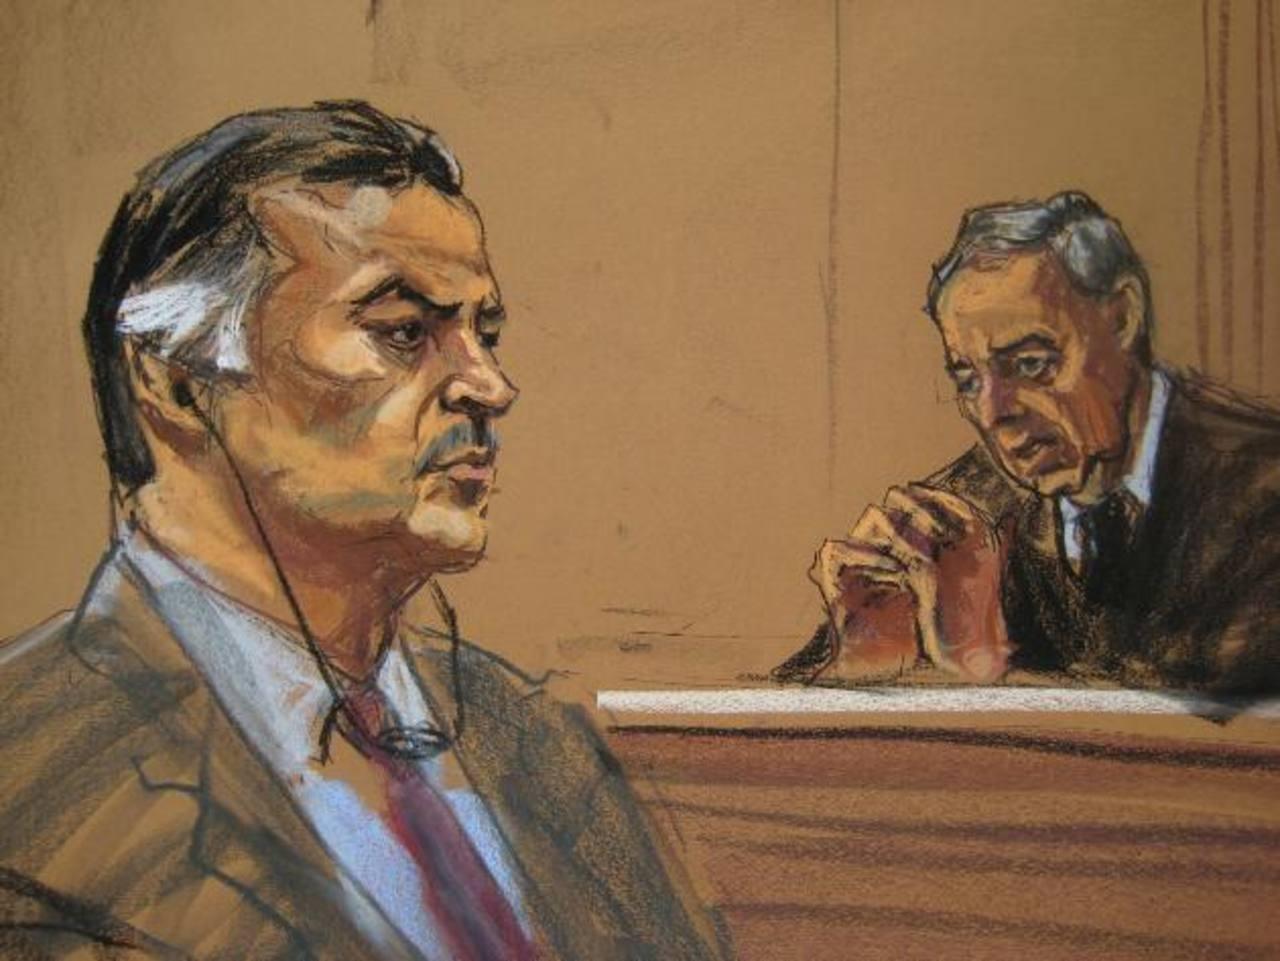 El expresidente guatemalteco Alfonso Portillo y el juez Robert Patterson, representados en un dibujo, durante la audiencia en la Corte de Distrito de Nueva York, en EE. UU. foto edh / Reuters